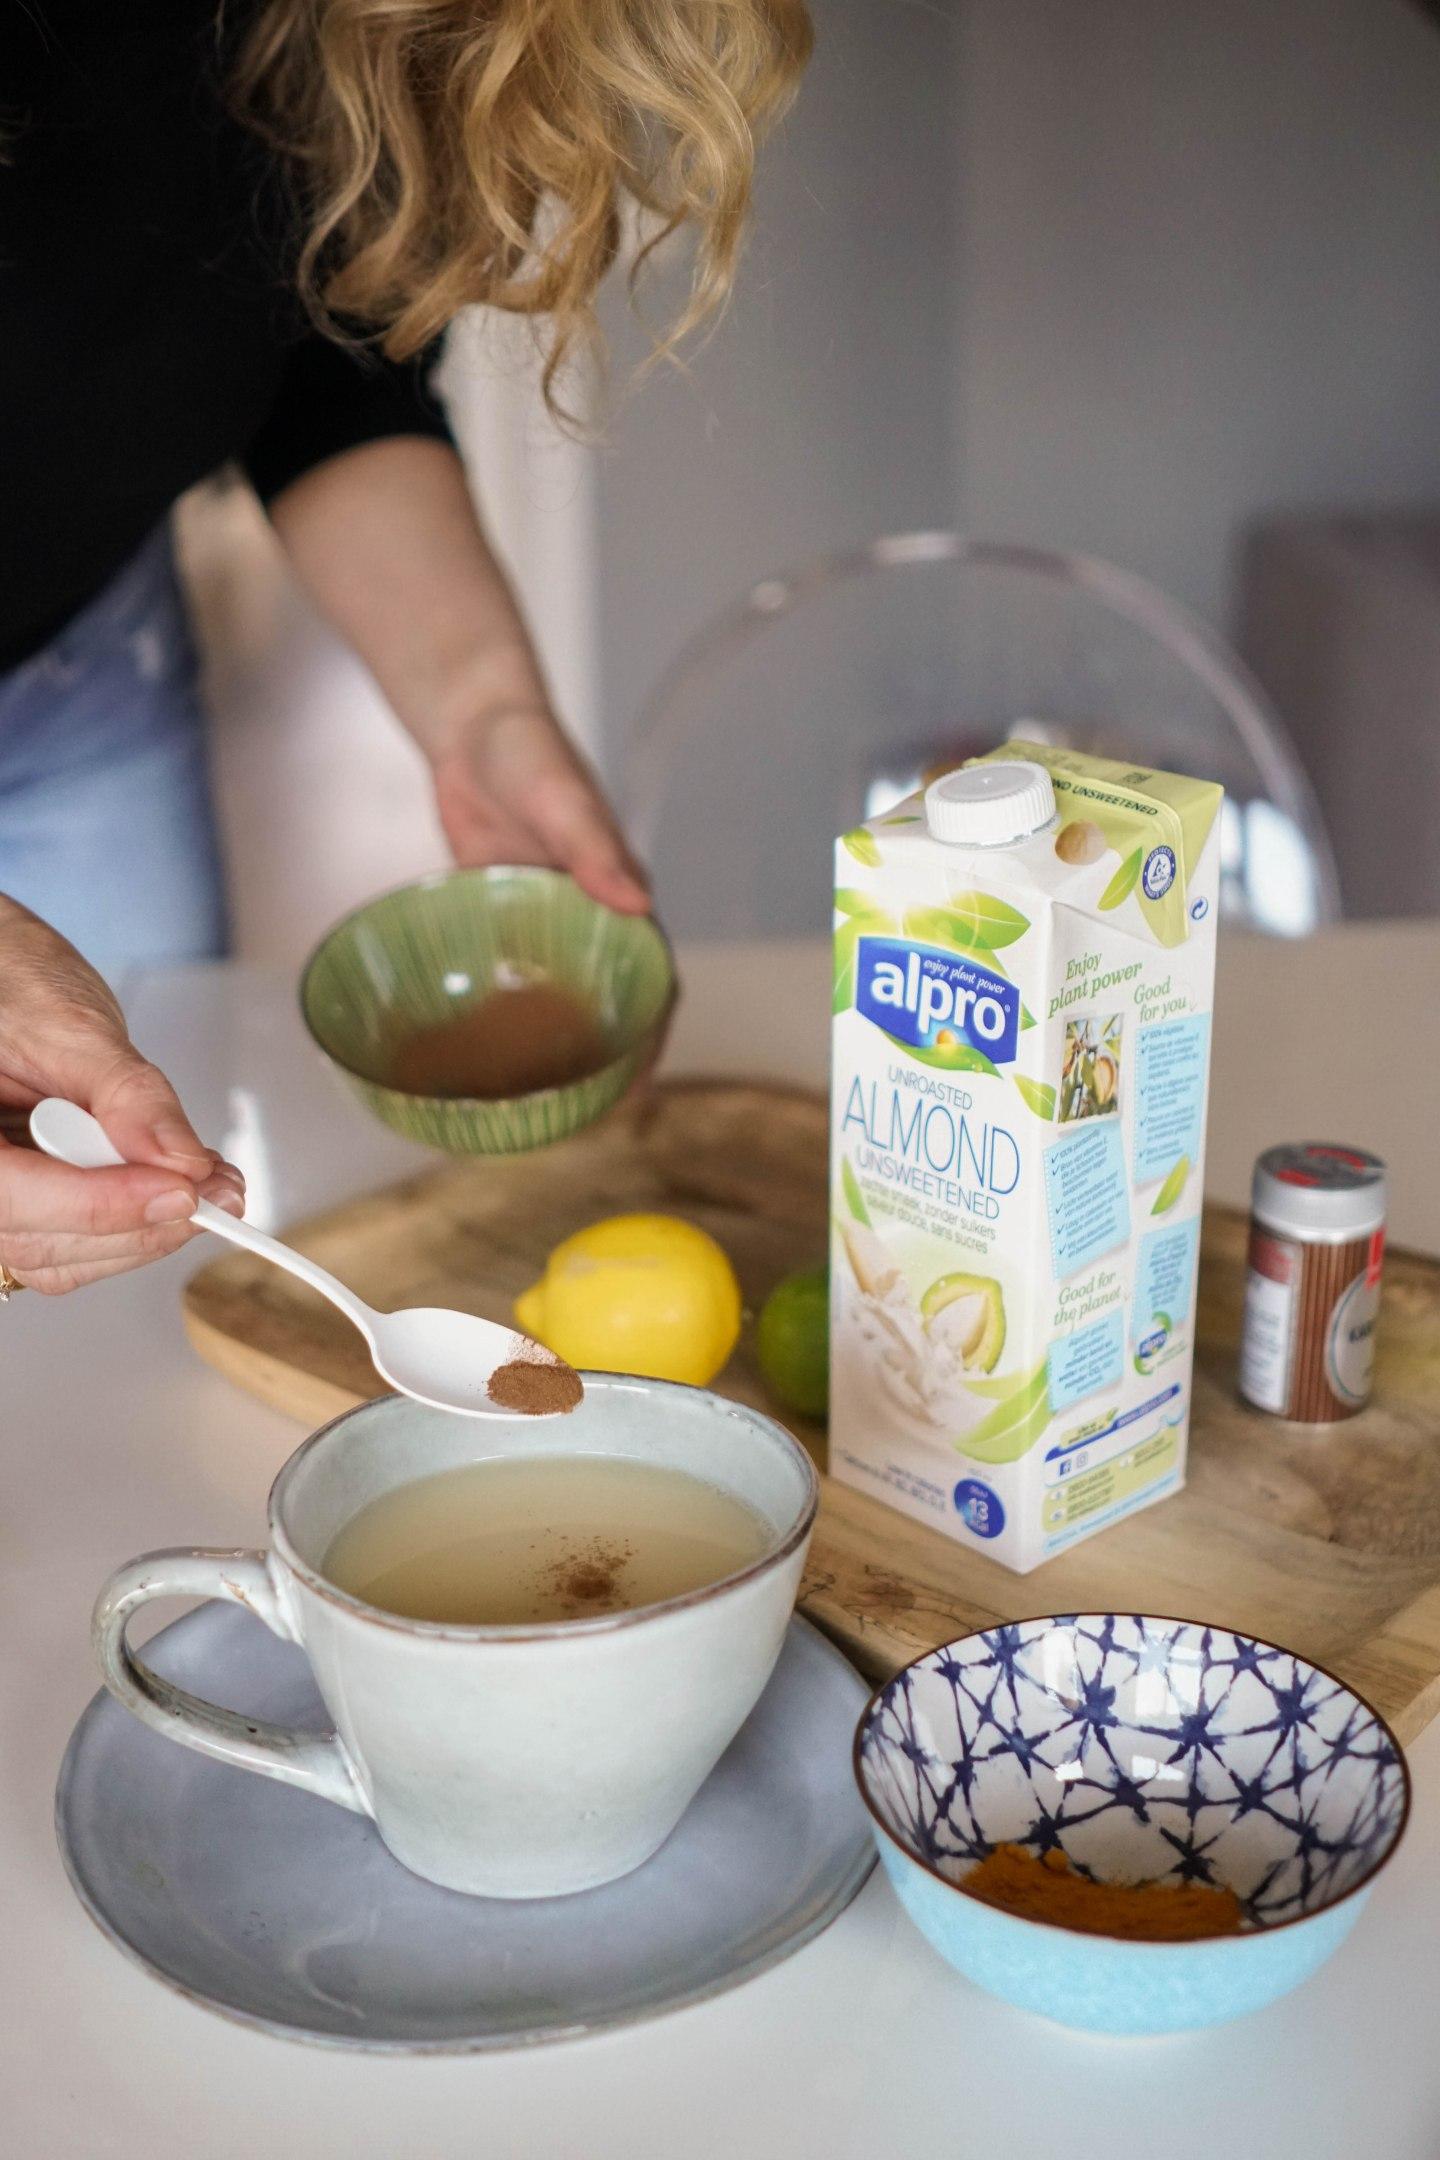 Alpro 30 Tage Challenge-Rezept Tee mit Alpro Mandeldrink Zimt und Kardamom-Nowshine Lifestyle Blog-Ernährung-Zuckerbewusstsein